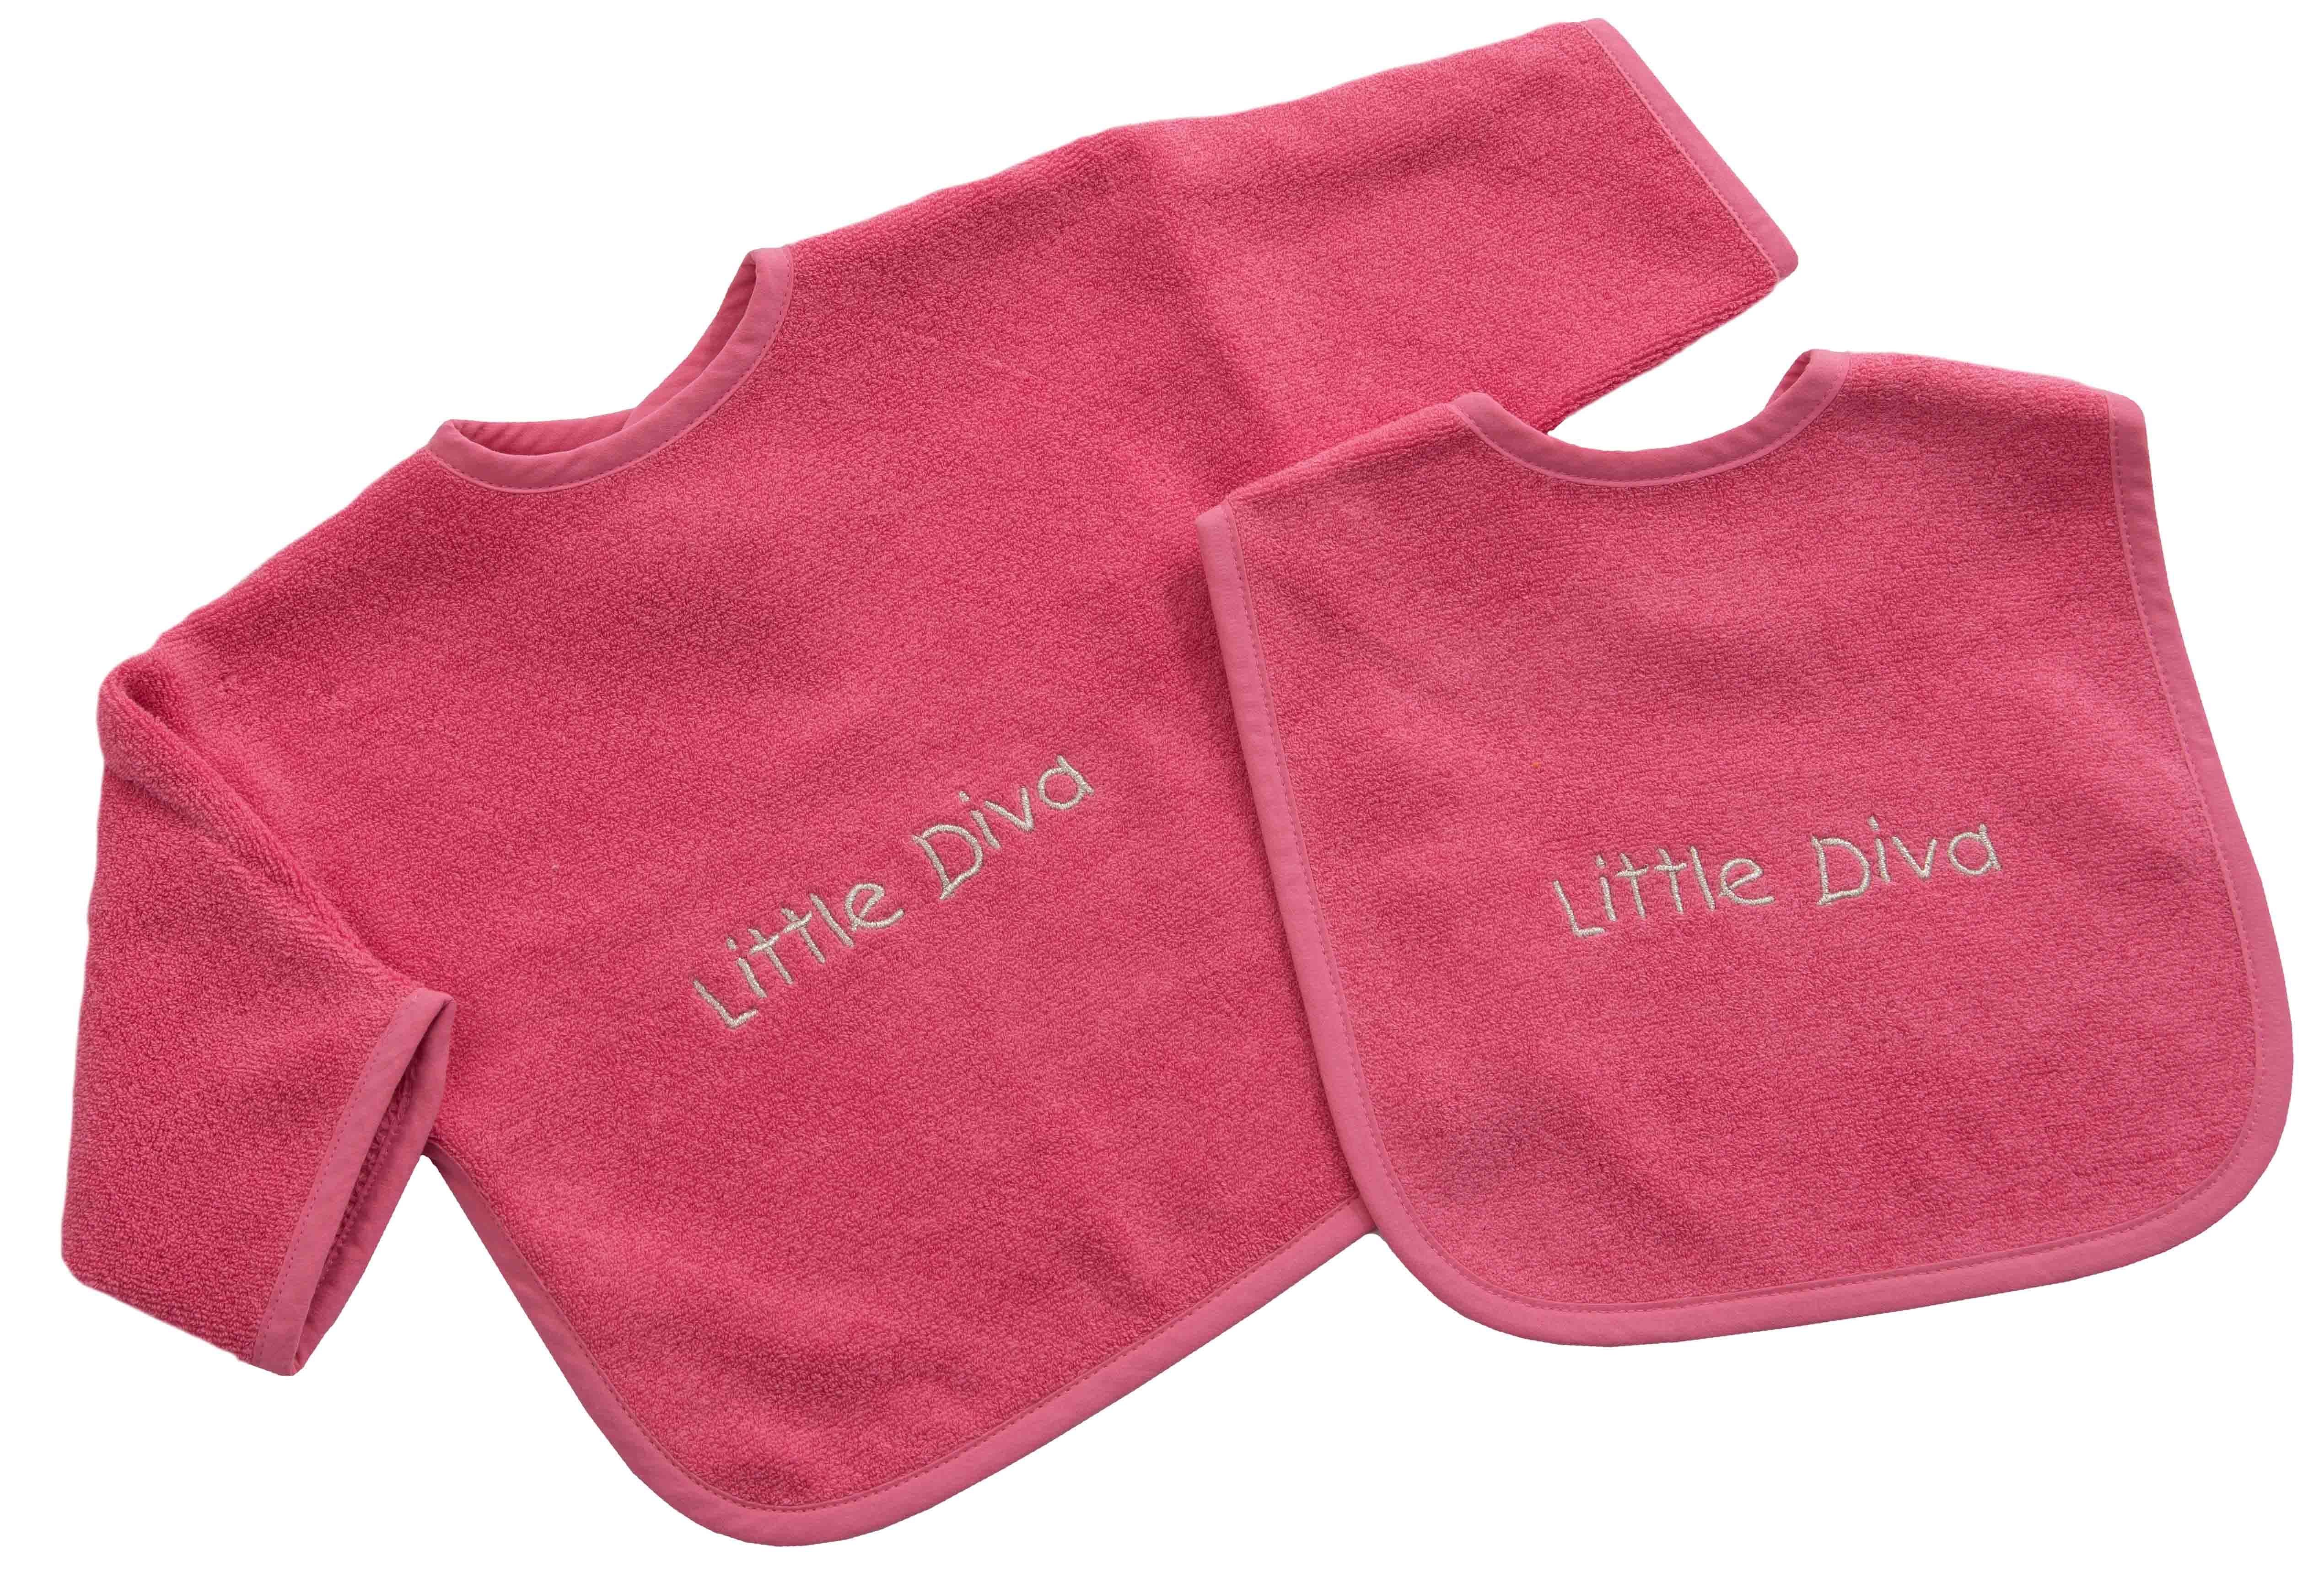 5a4d2e6dade619 Online-Shop für Baby- Kinderausstattung bis zur Schule